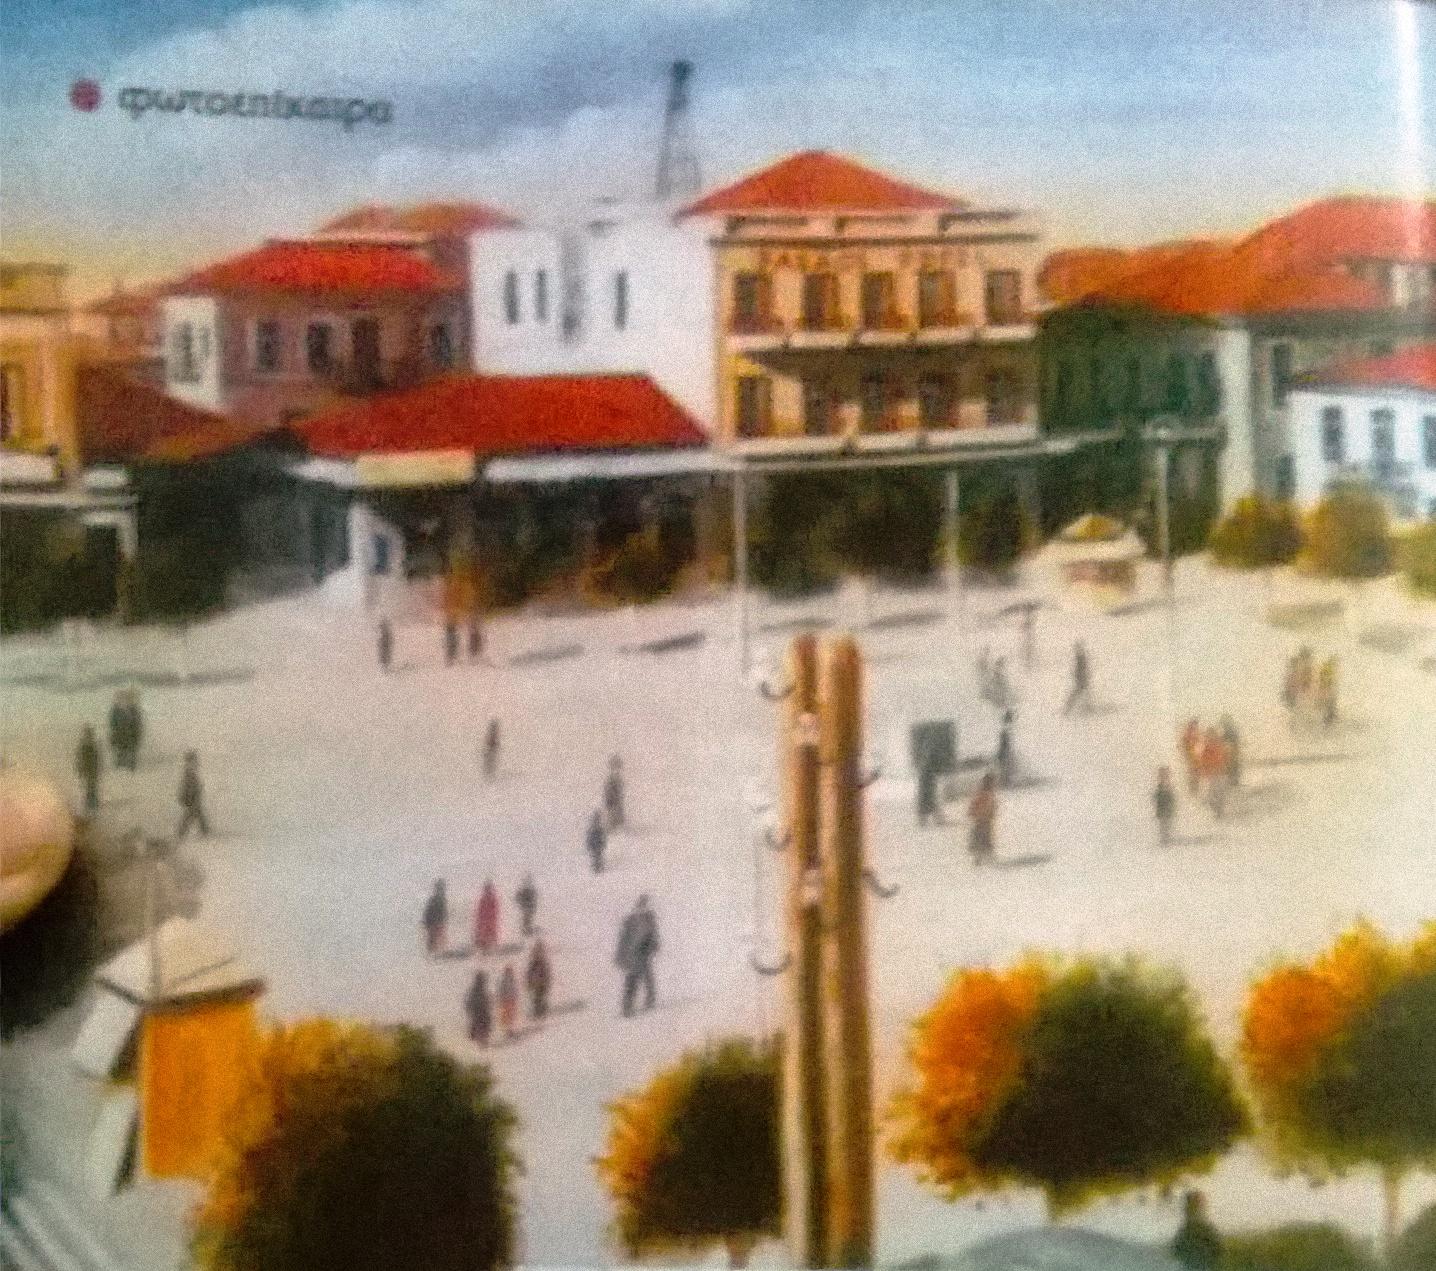 Η Πλατεία Μπέλλου της δεκαετίας του '50 σε πίνακα ζωγραφικής